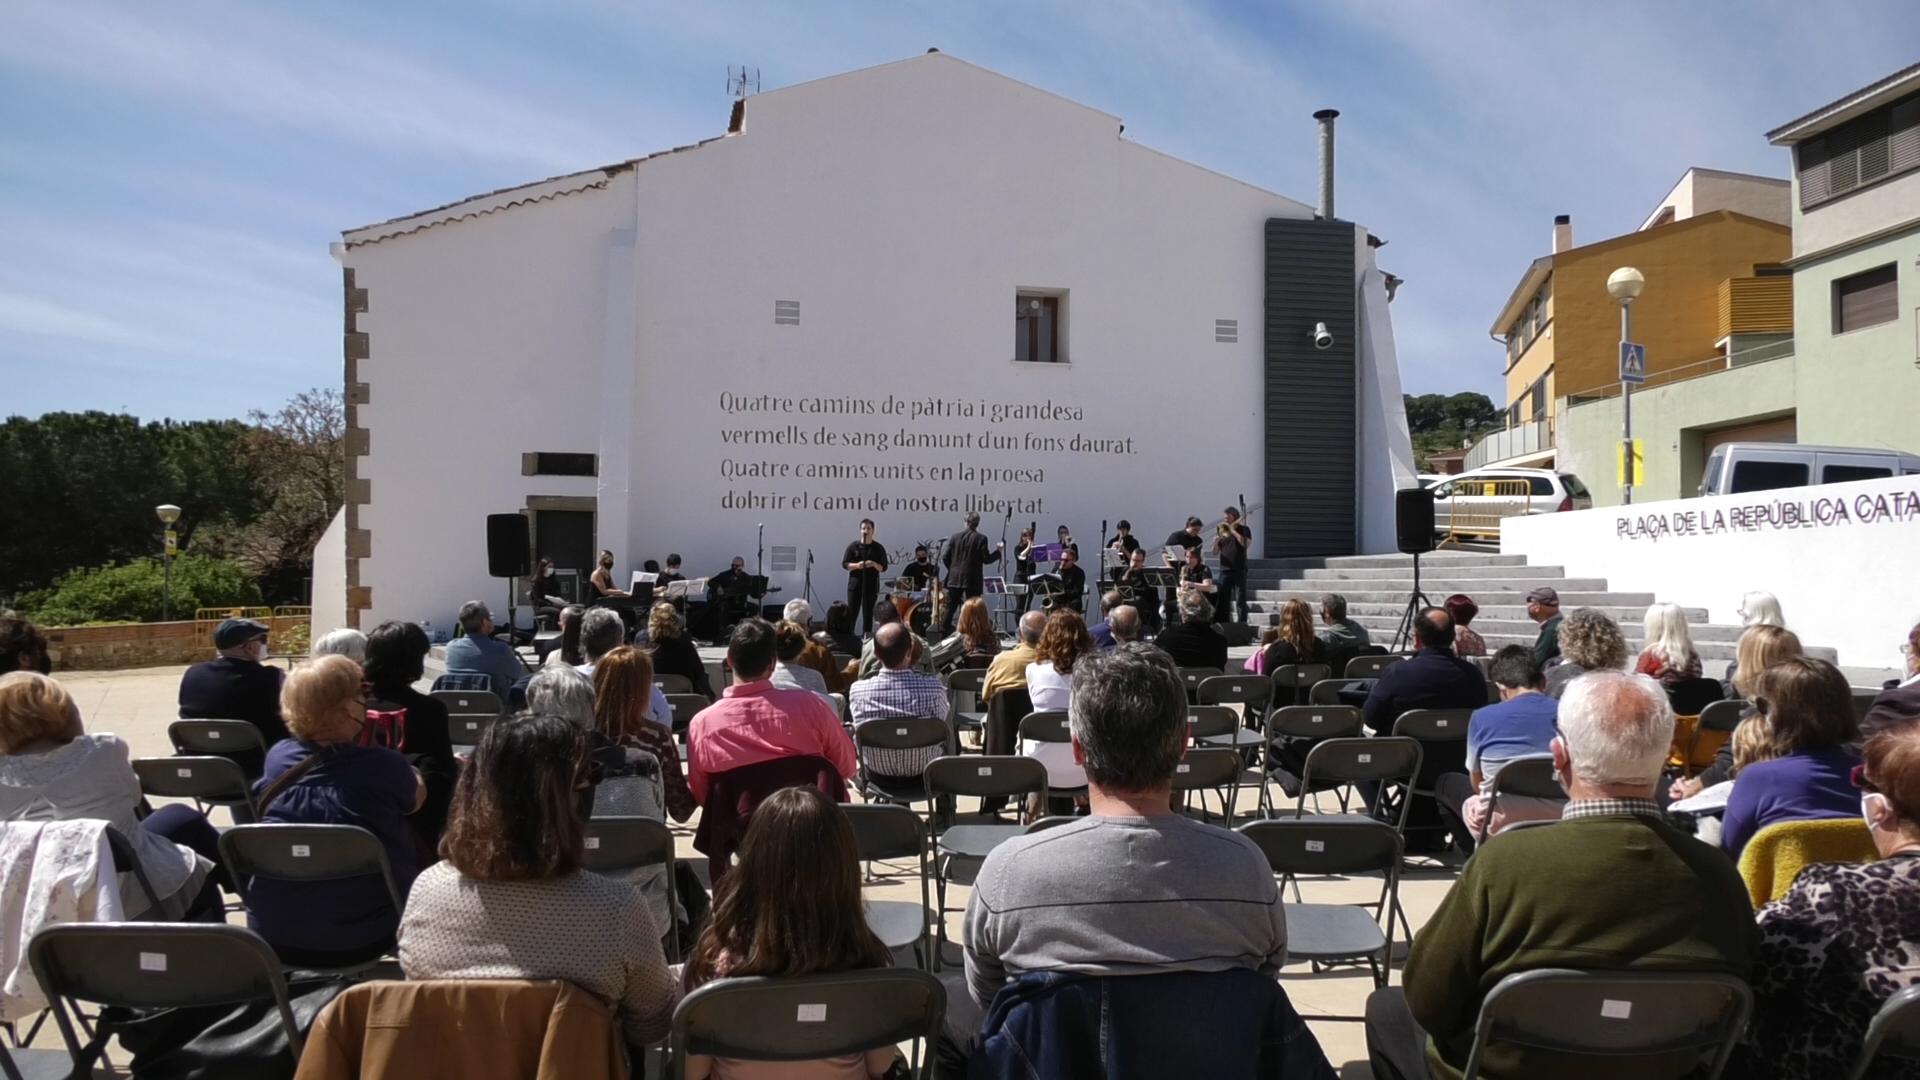 NOU REPORTATGE: La Plaça de la República catalana va quedar inaugurada amb la música de la Amunt Jazz Band